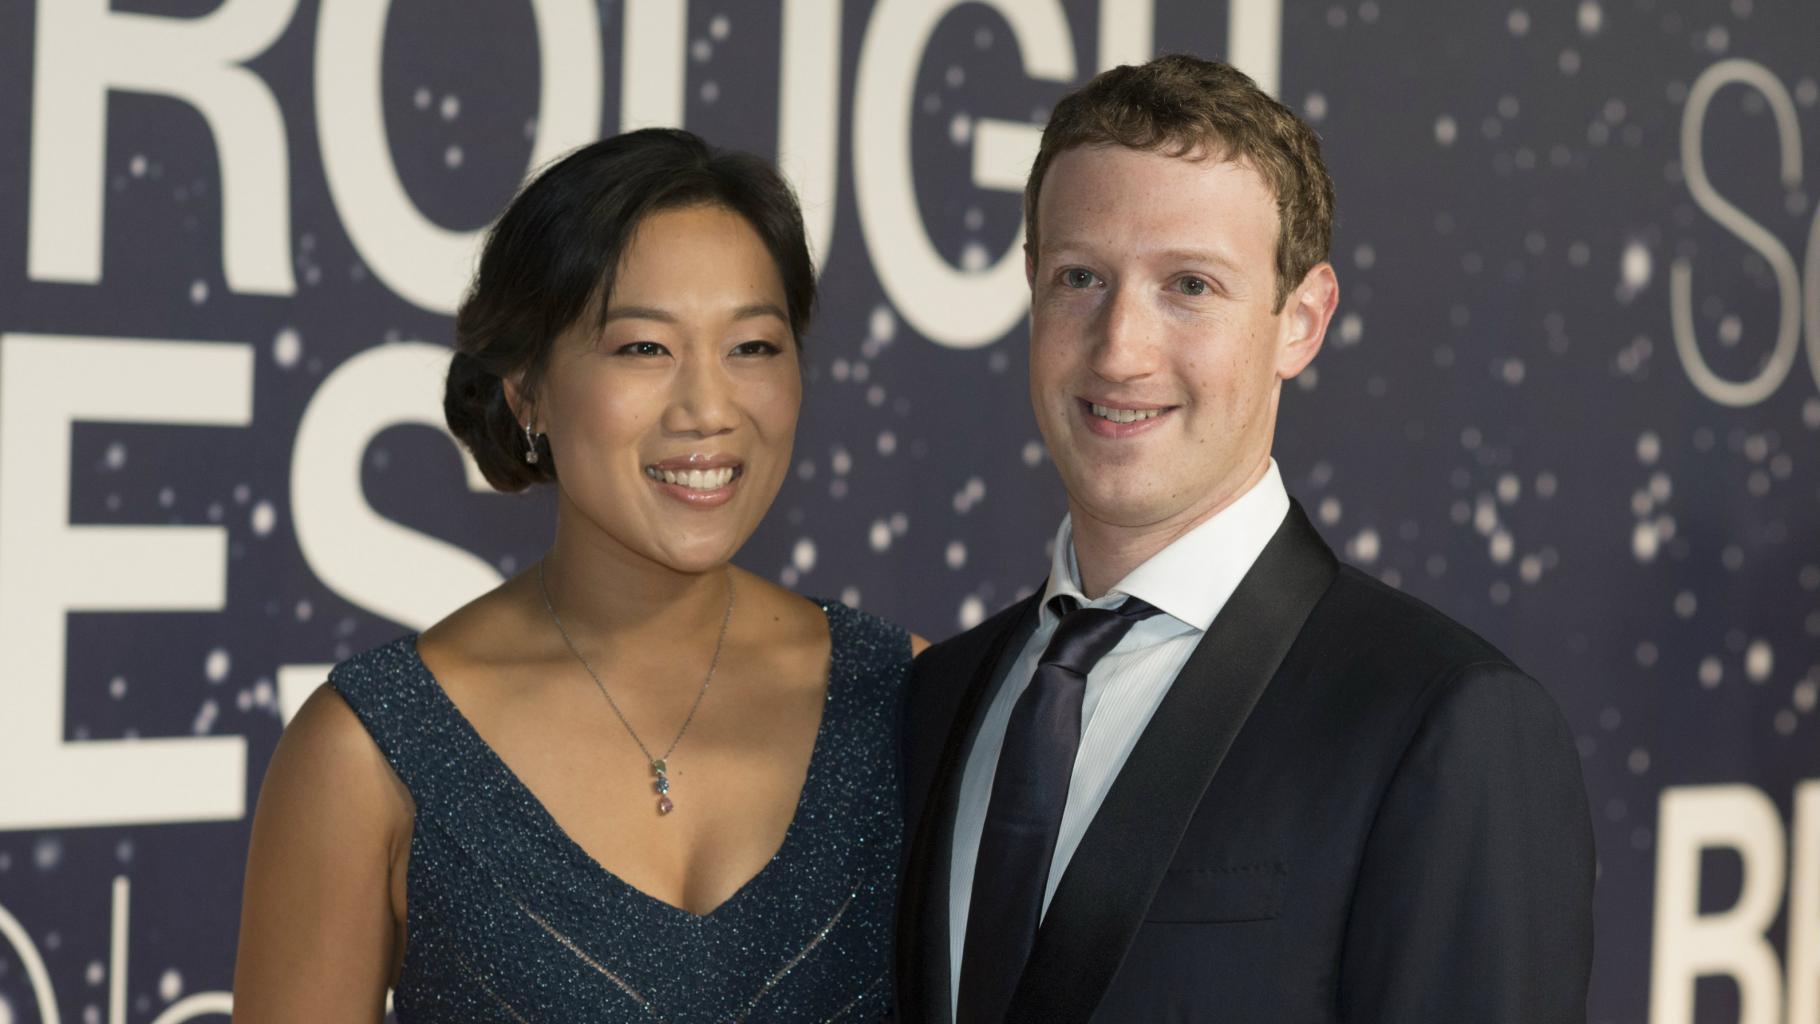 Mark Zuckerberg And Priscilla Chan Announce They're